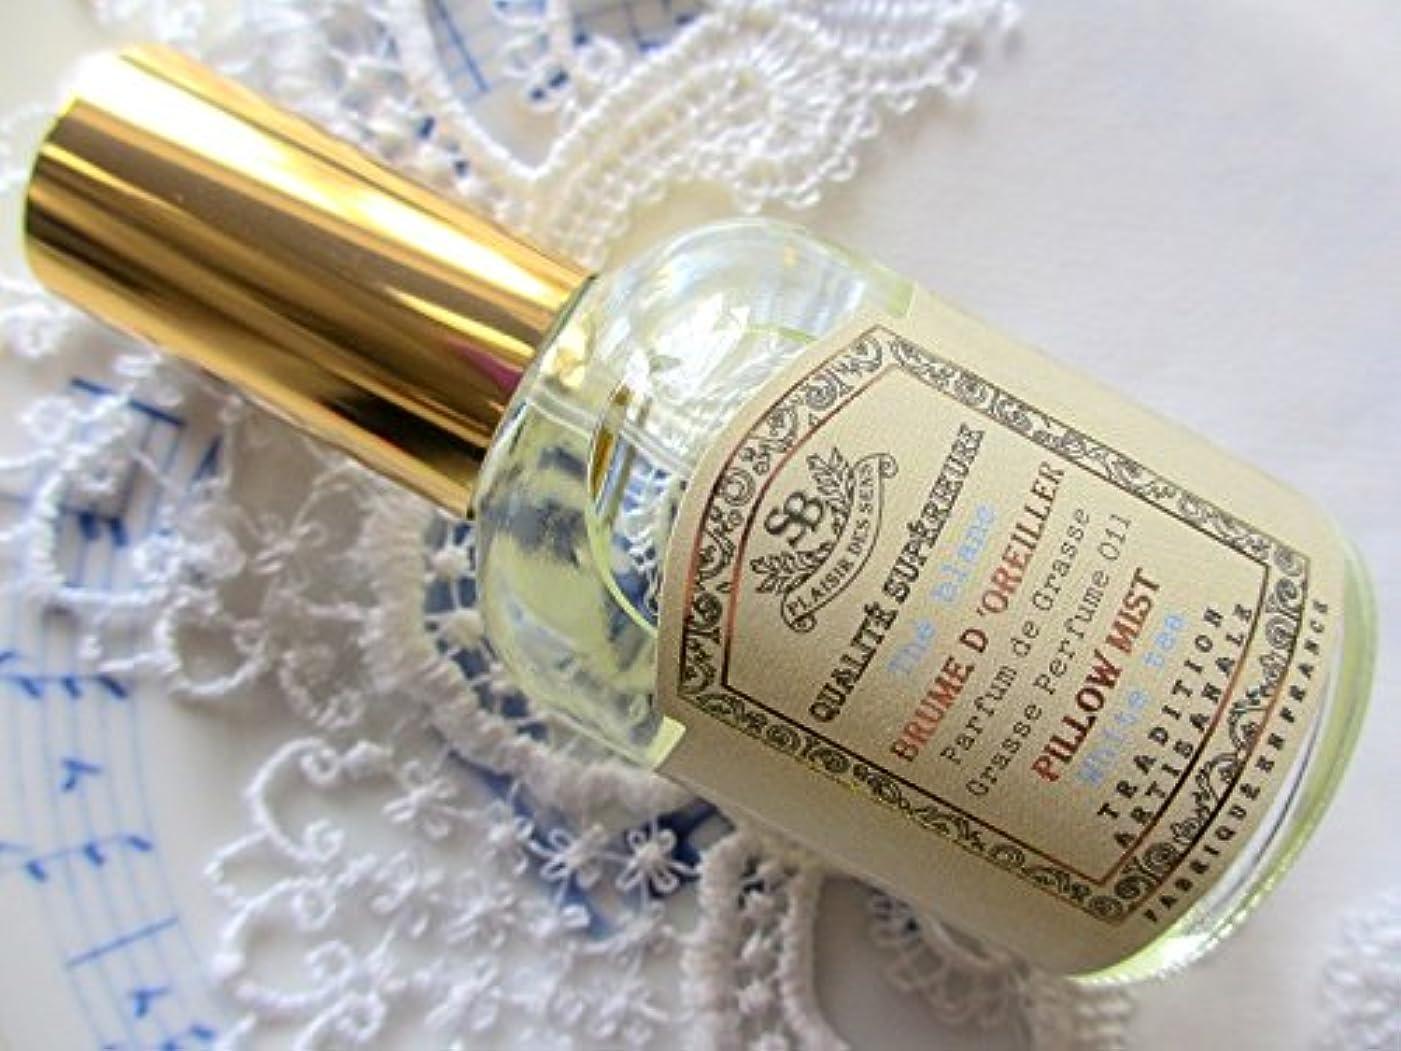 詐欺レタッチ評決Senteur et Beaute(サンタールエボーテ) French classic(フレンチクラシックシリーズ) ピローミスト 50ml 「ホワイトティー」 4994228024350